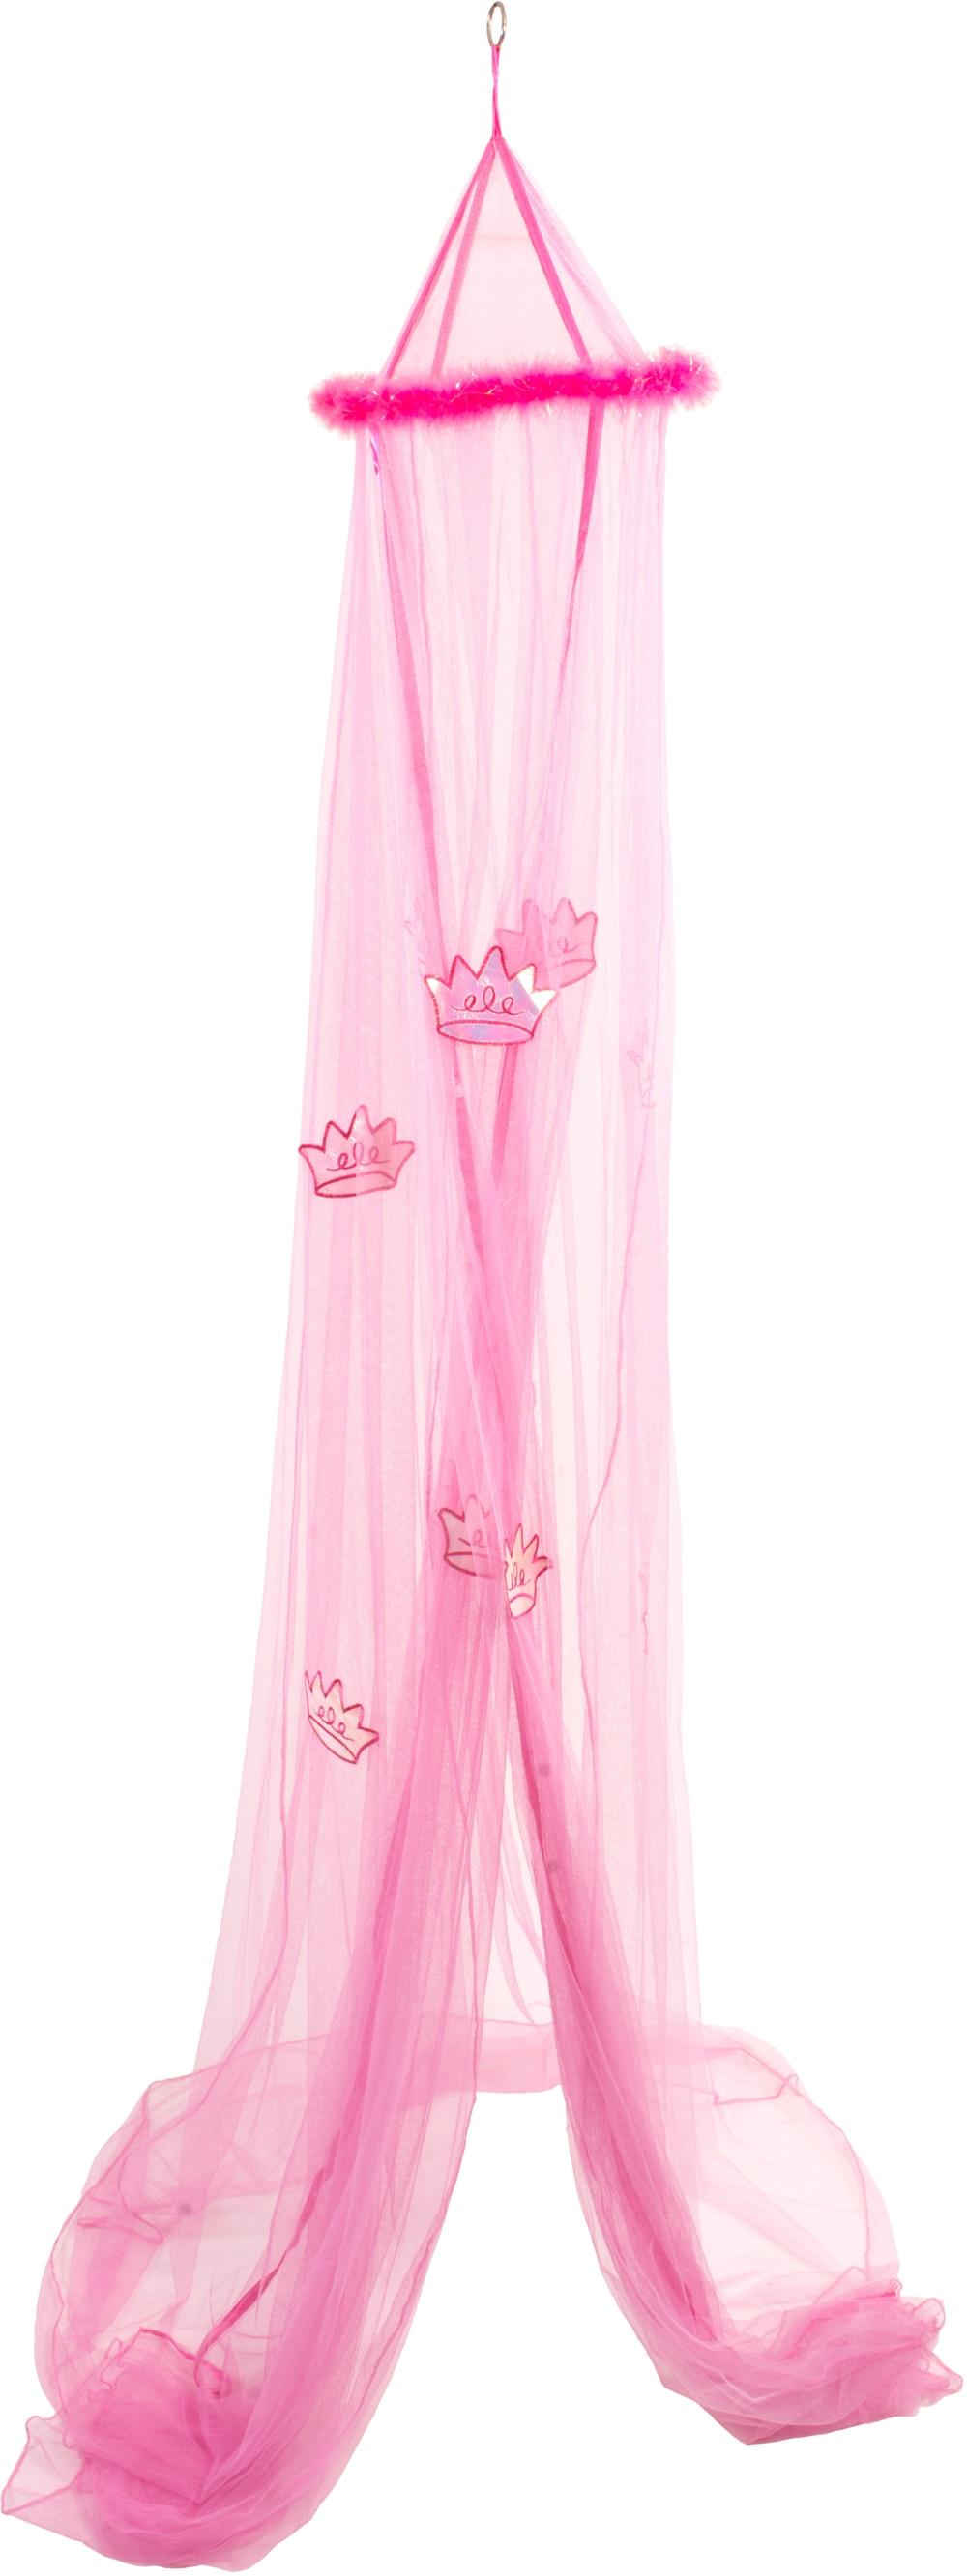 BABY MAX Principessa Himmel rosa